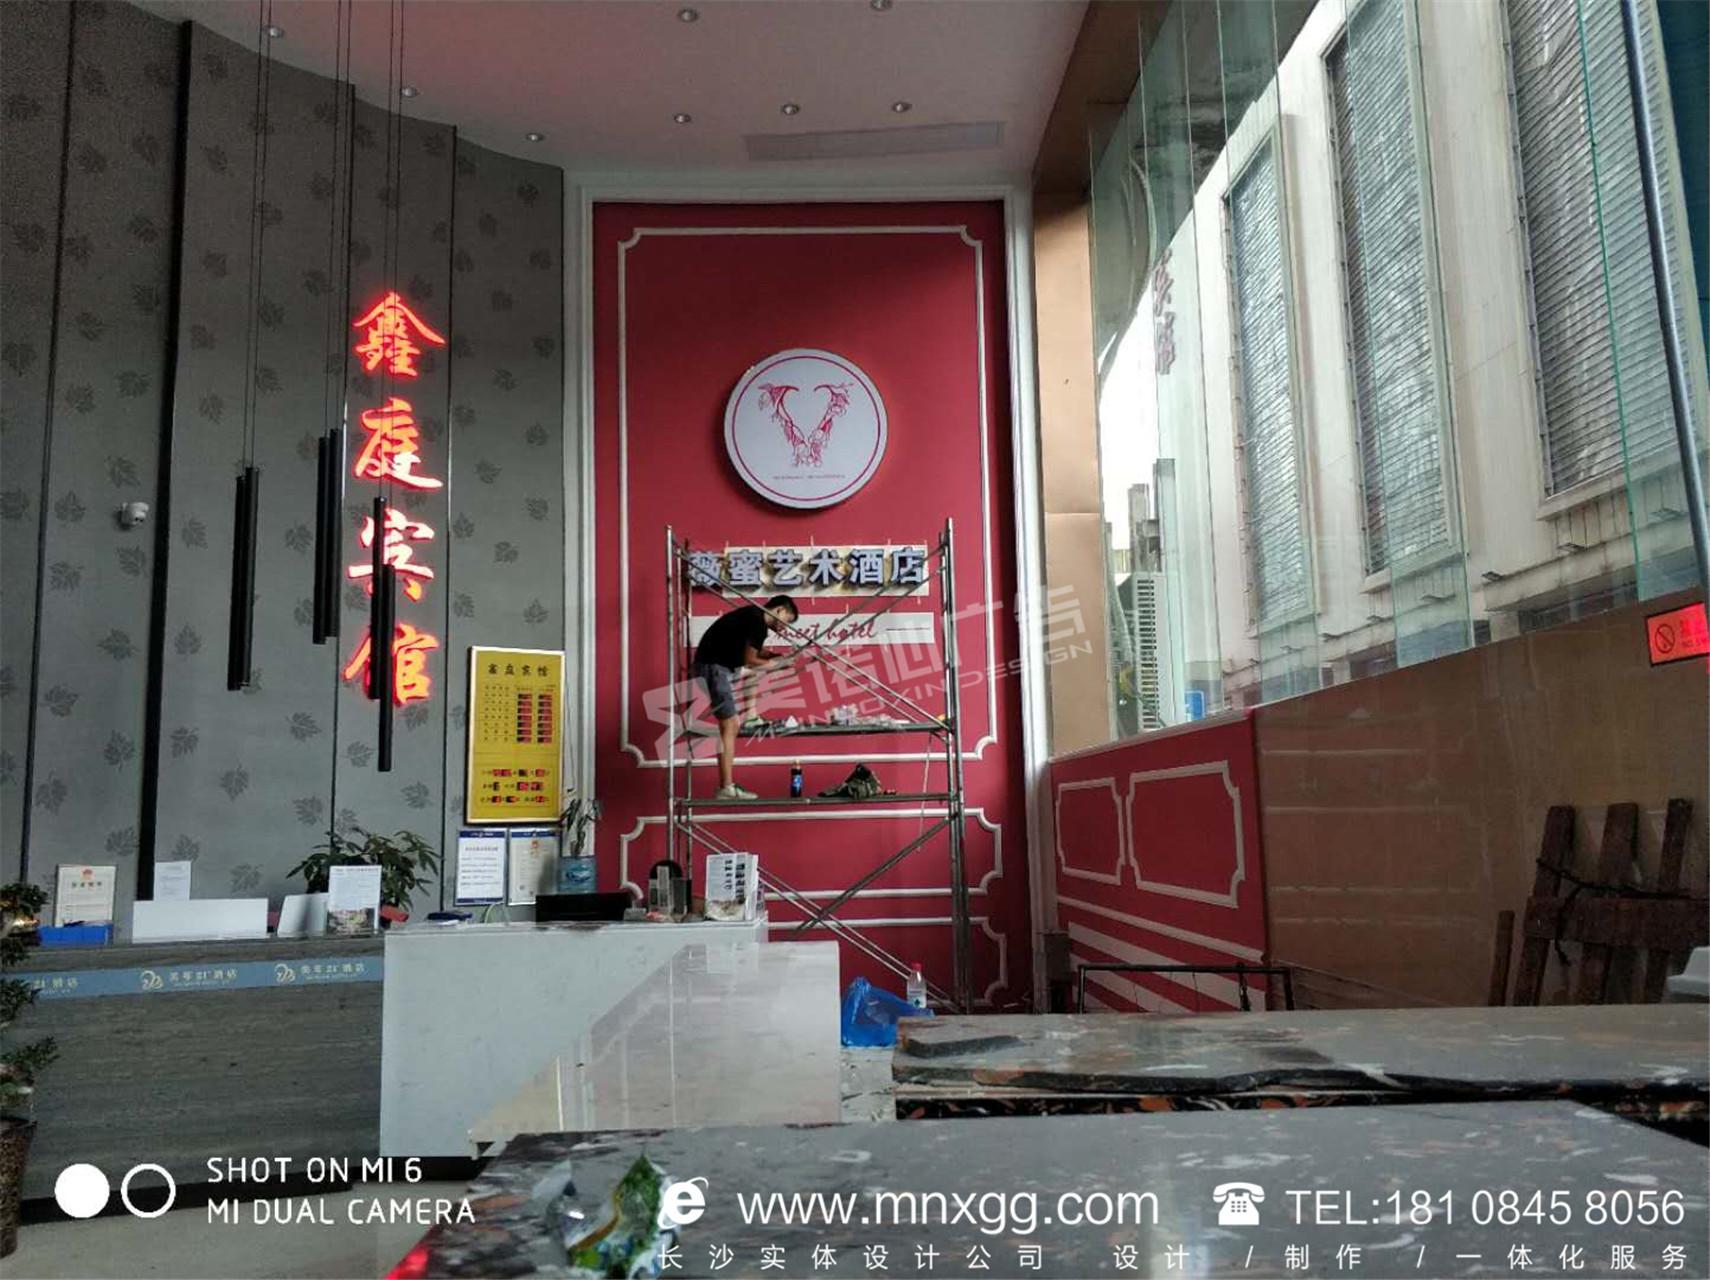 薇蜜艺术酒店——大厅形象墙制作